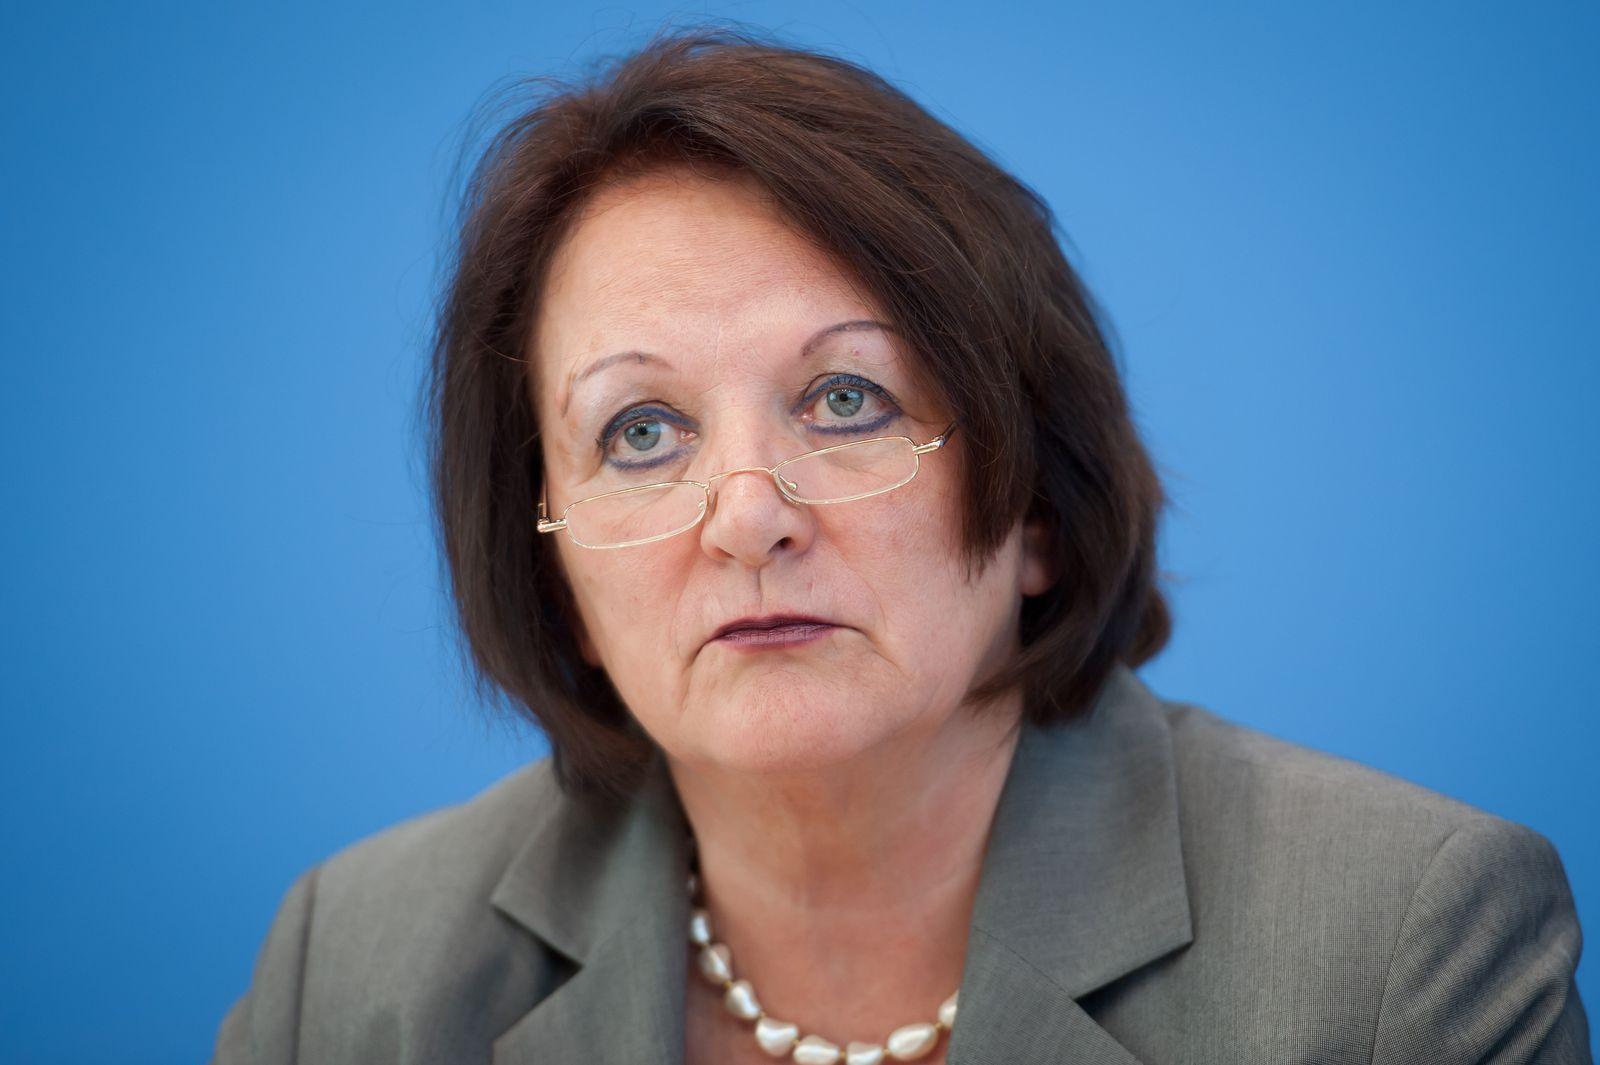 NICHT VERWENDEN Sabine Leutheusser-Schnarrenberger